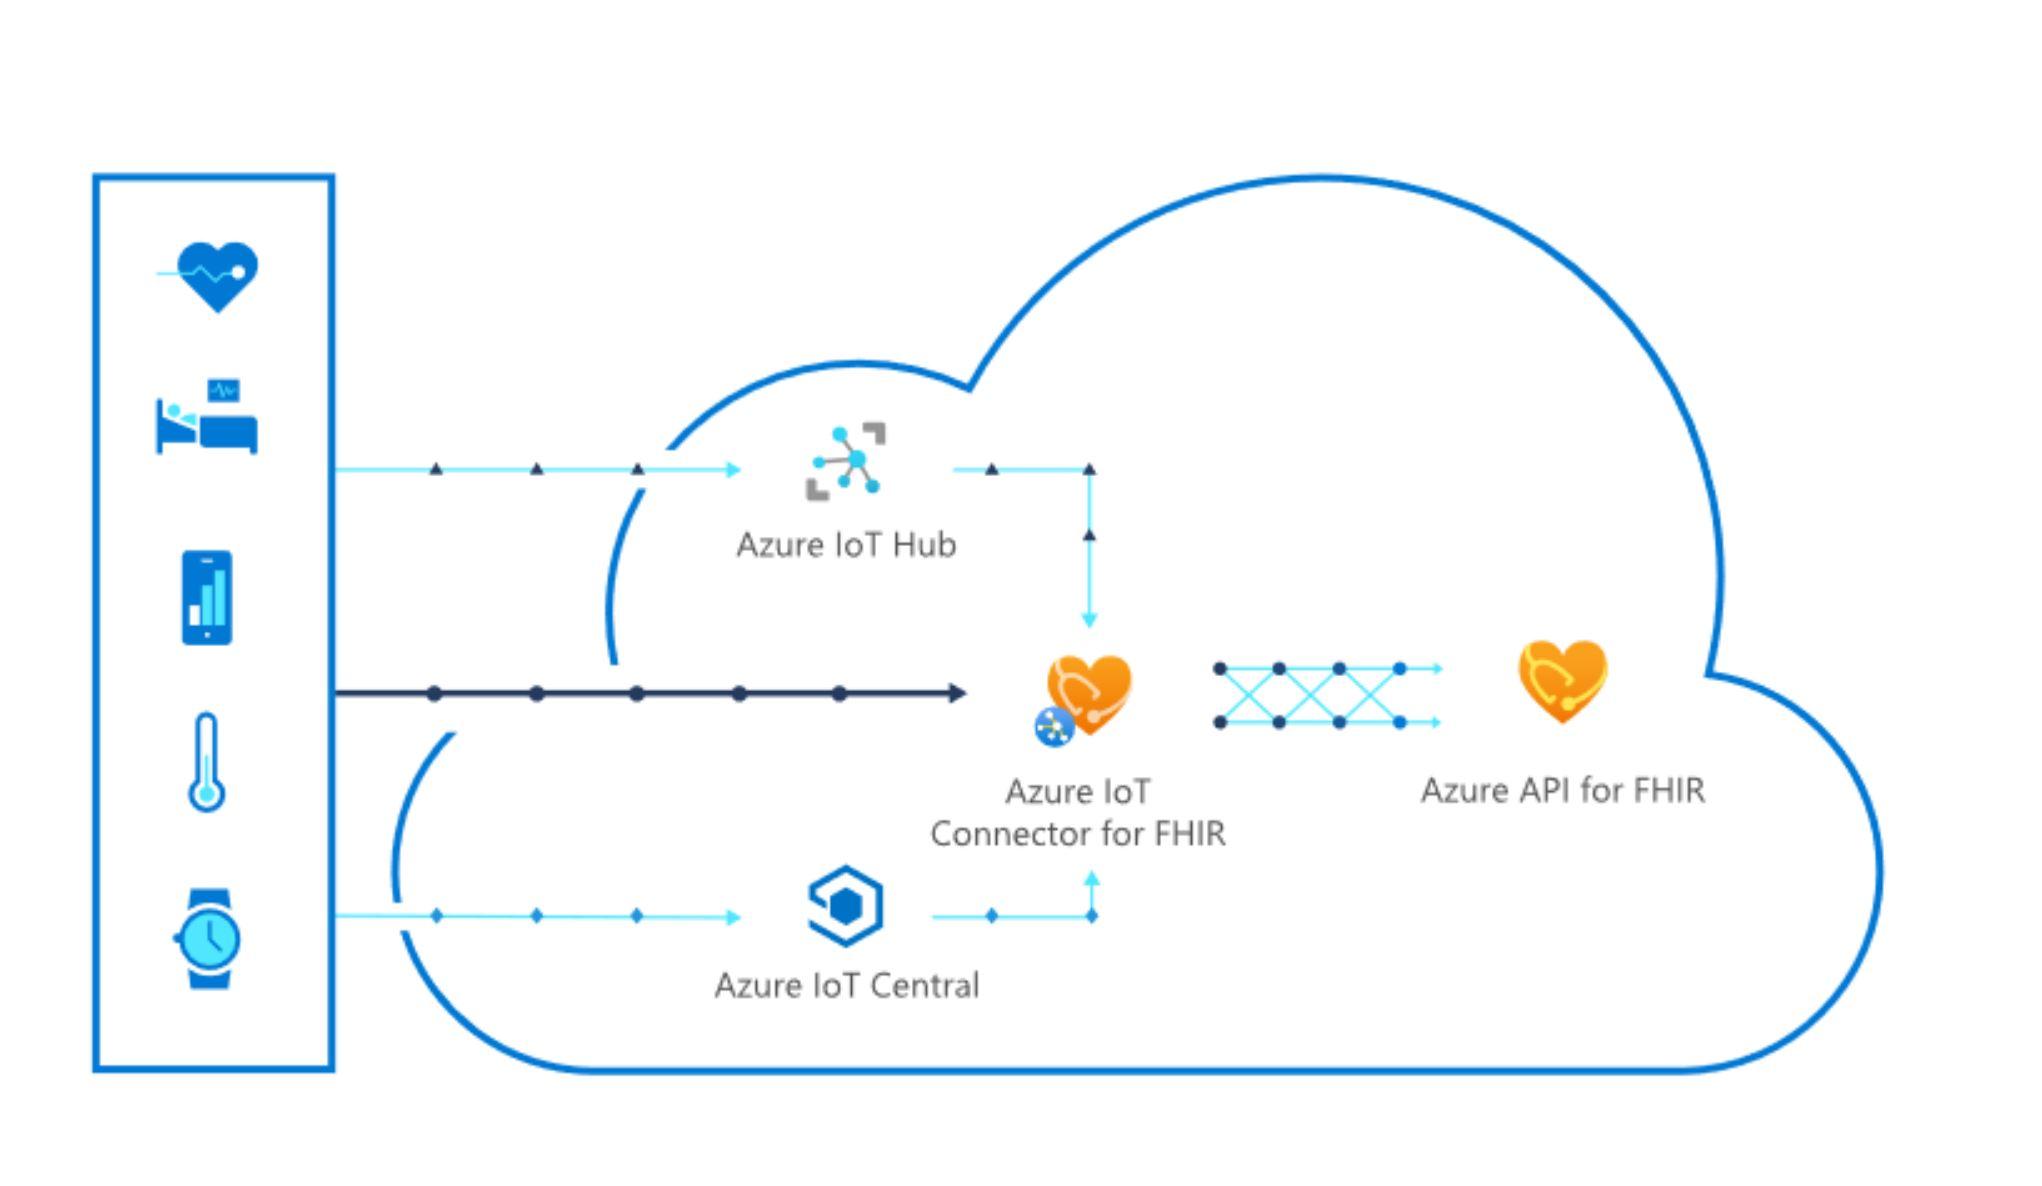 Azure IoT Connector